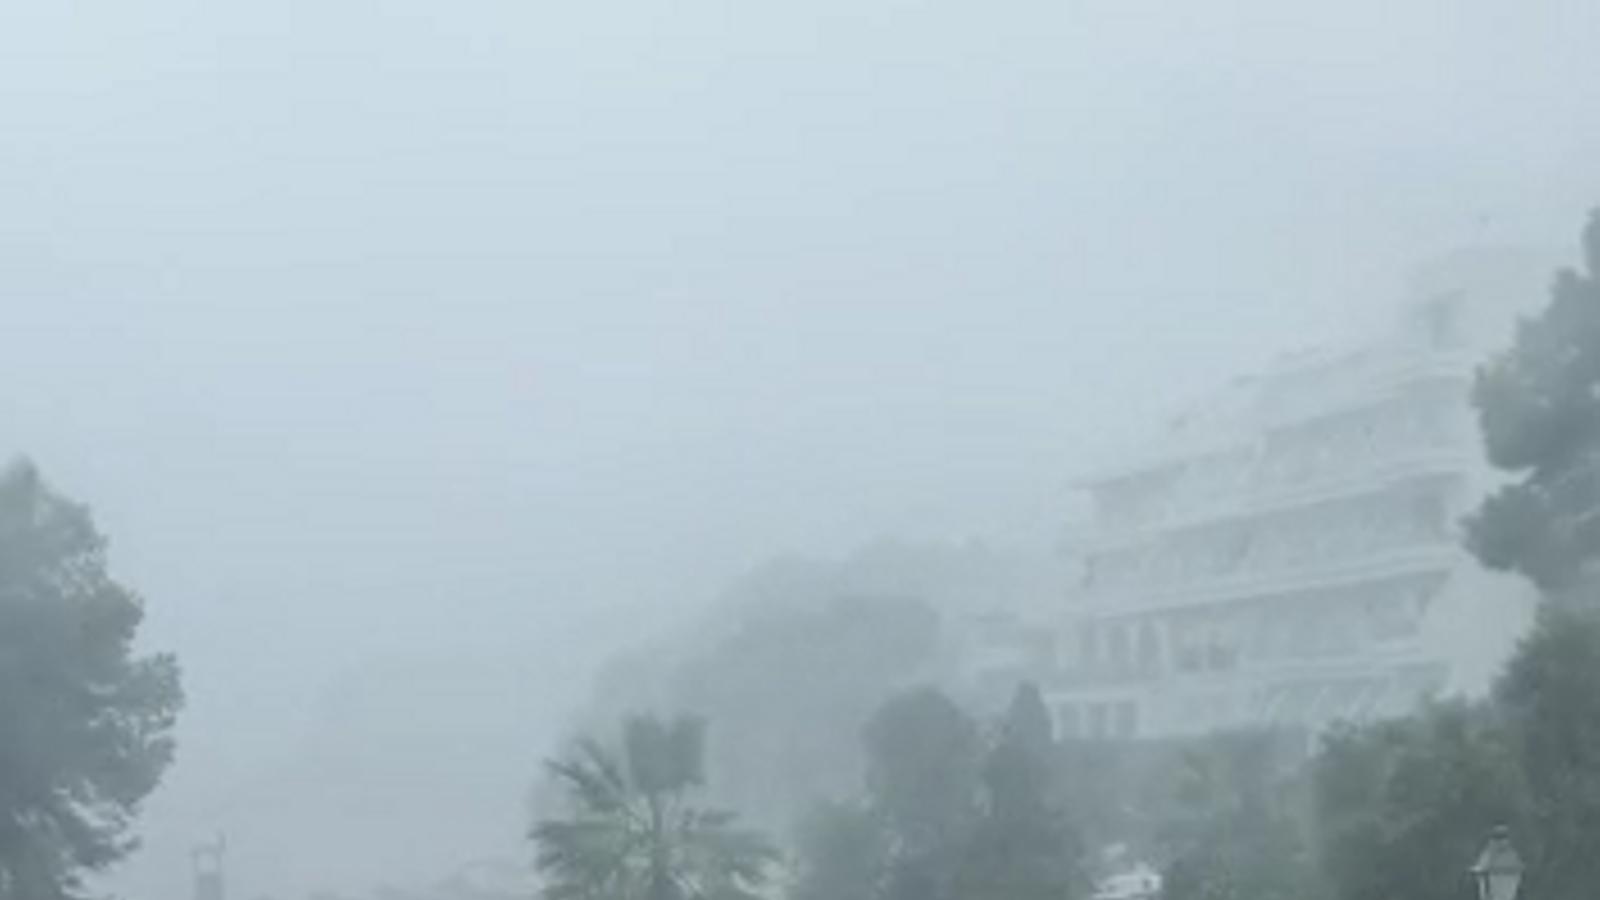 Risc extrem per pluges al Llevant mallorquí, segons l'Aemet